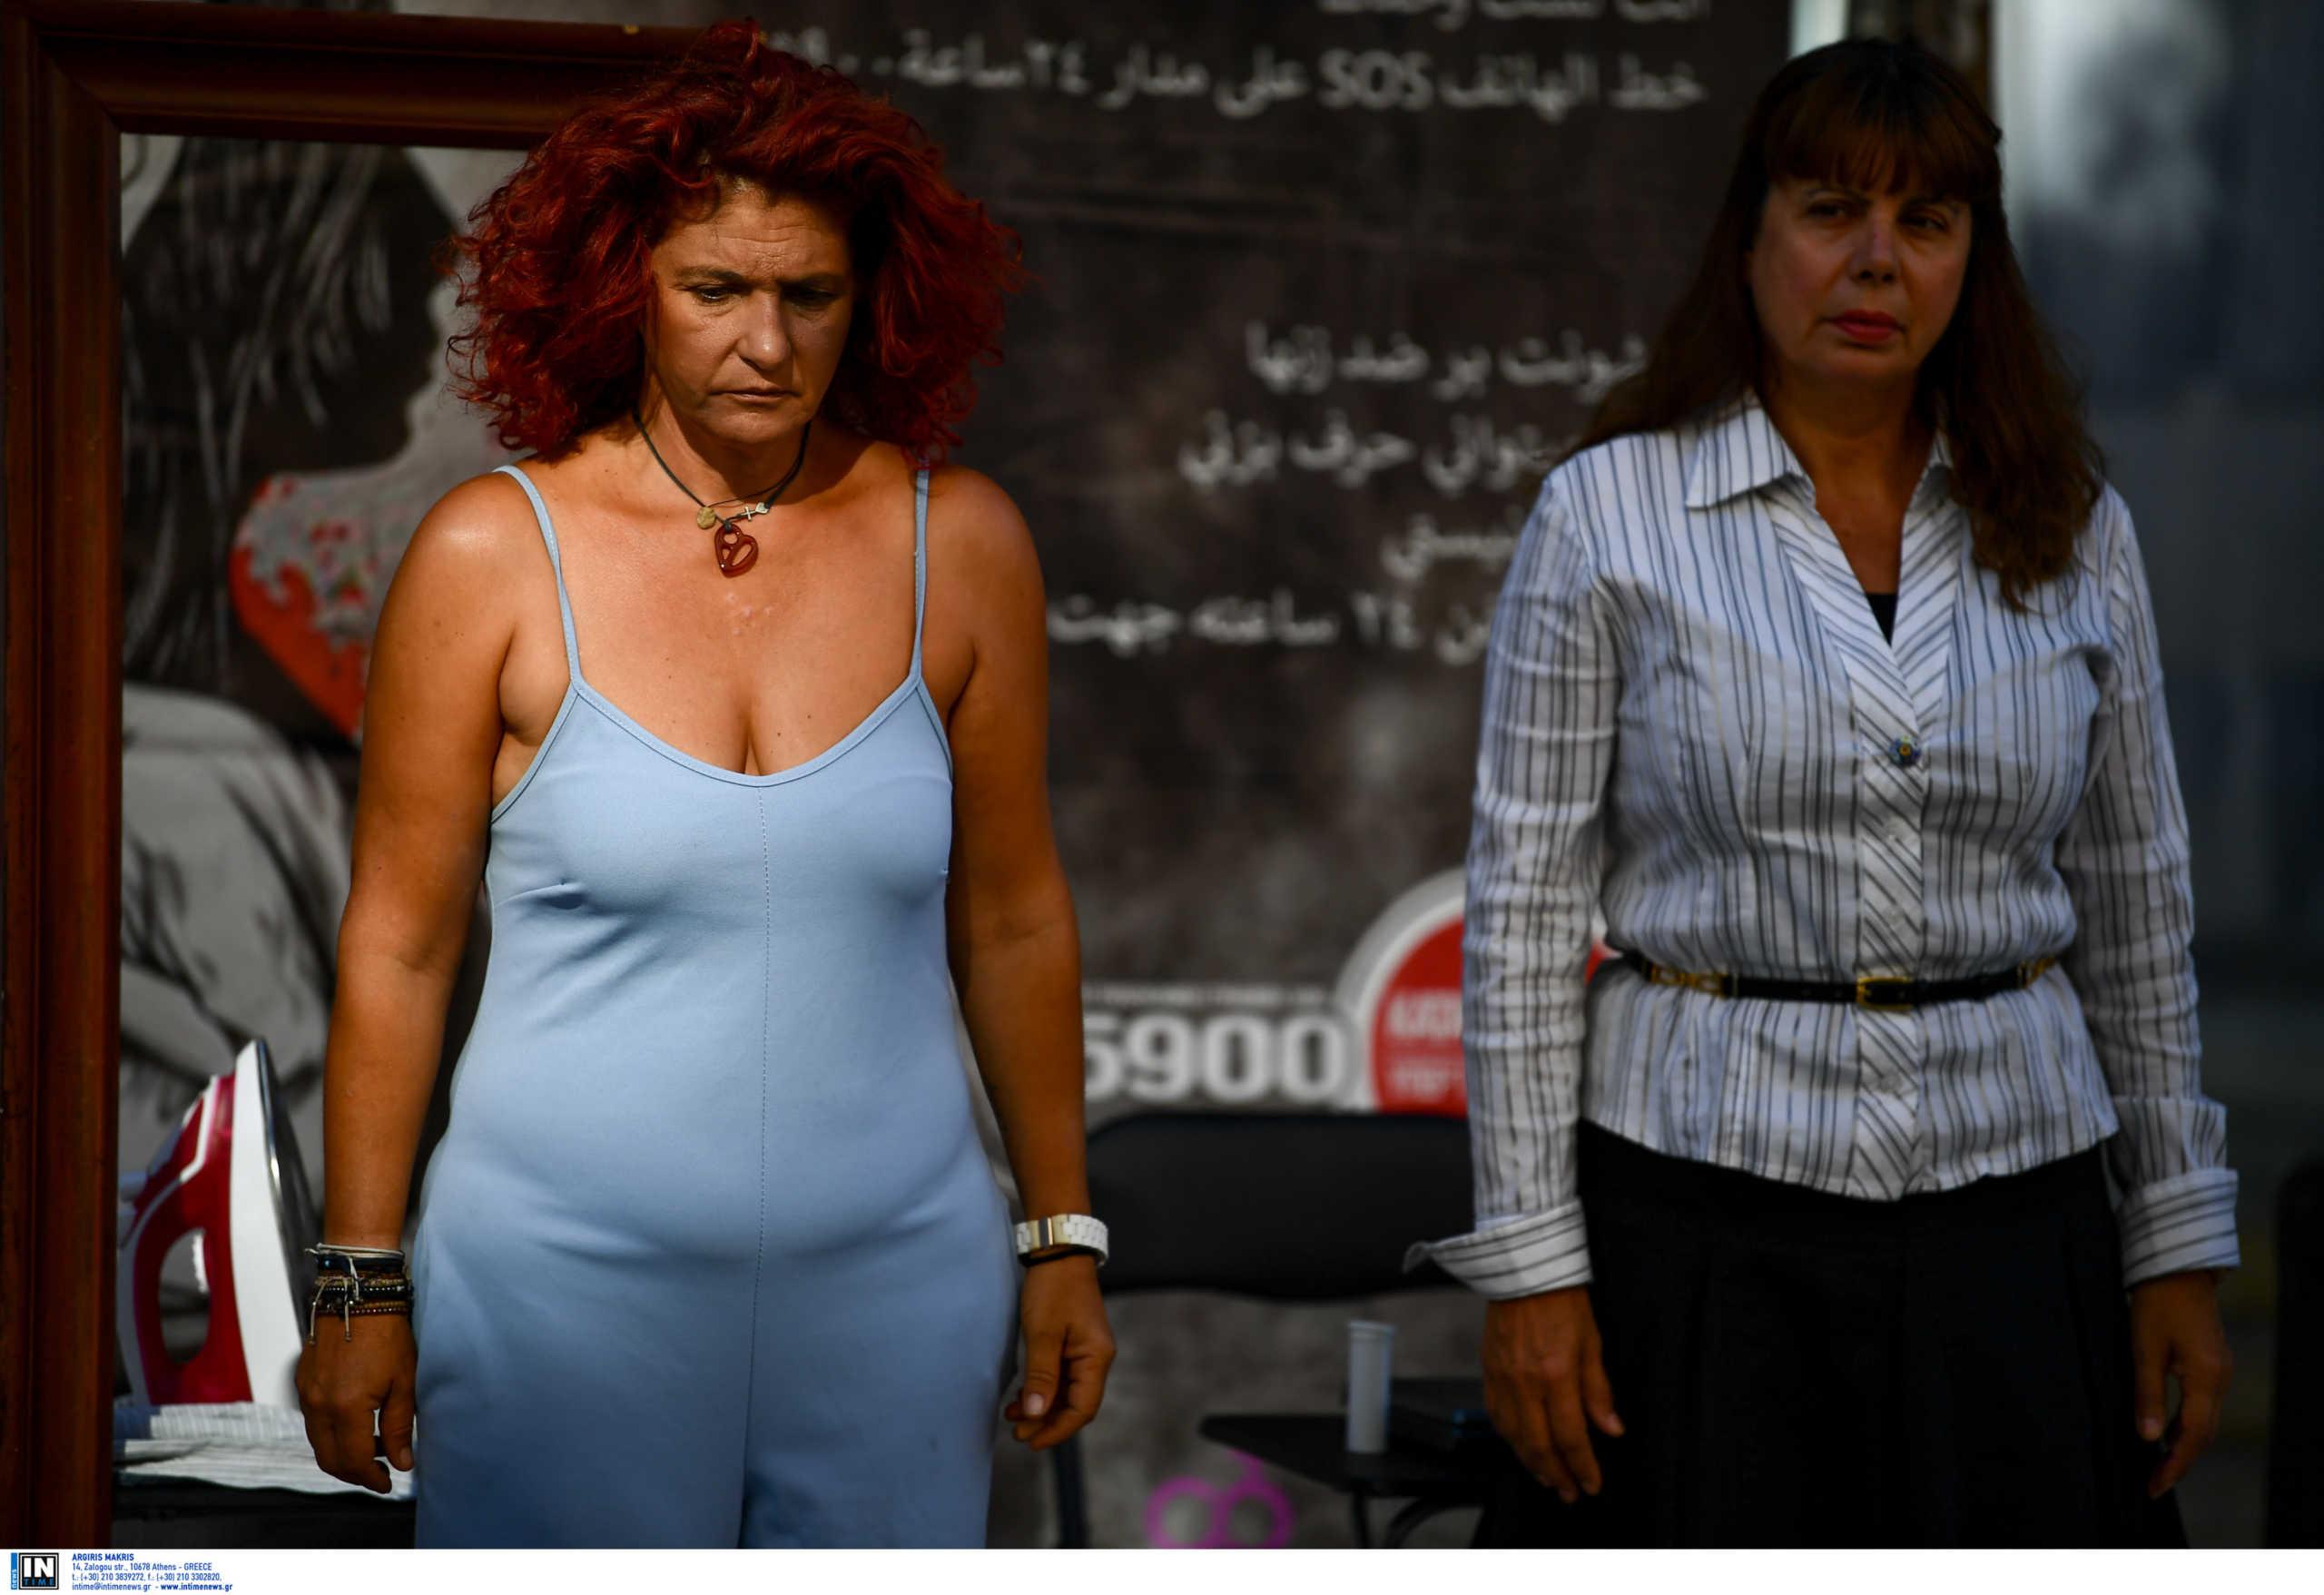 Δεν έμειναν όλες οι Ελληνίδες «ασφαλείς» στο σπίτι – Αυξήθηκαν οι κλήσεις για «βοήθεια» από κακοποιημένες γυναίκες